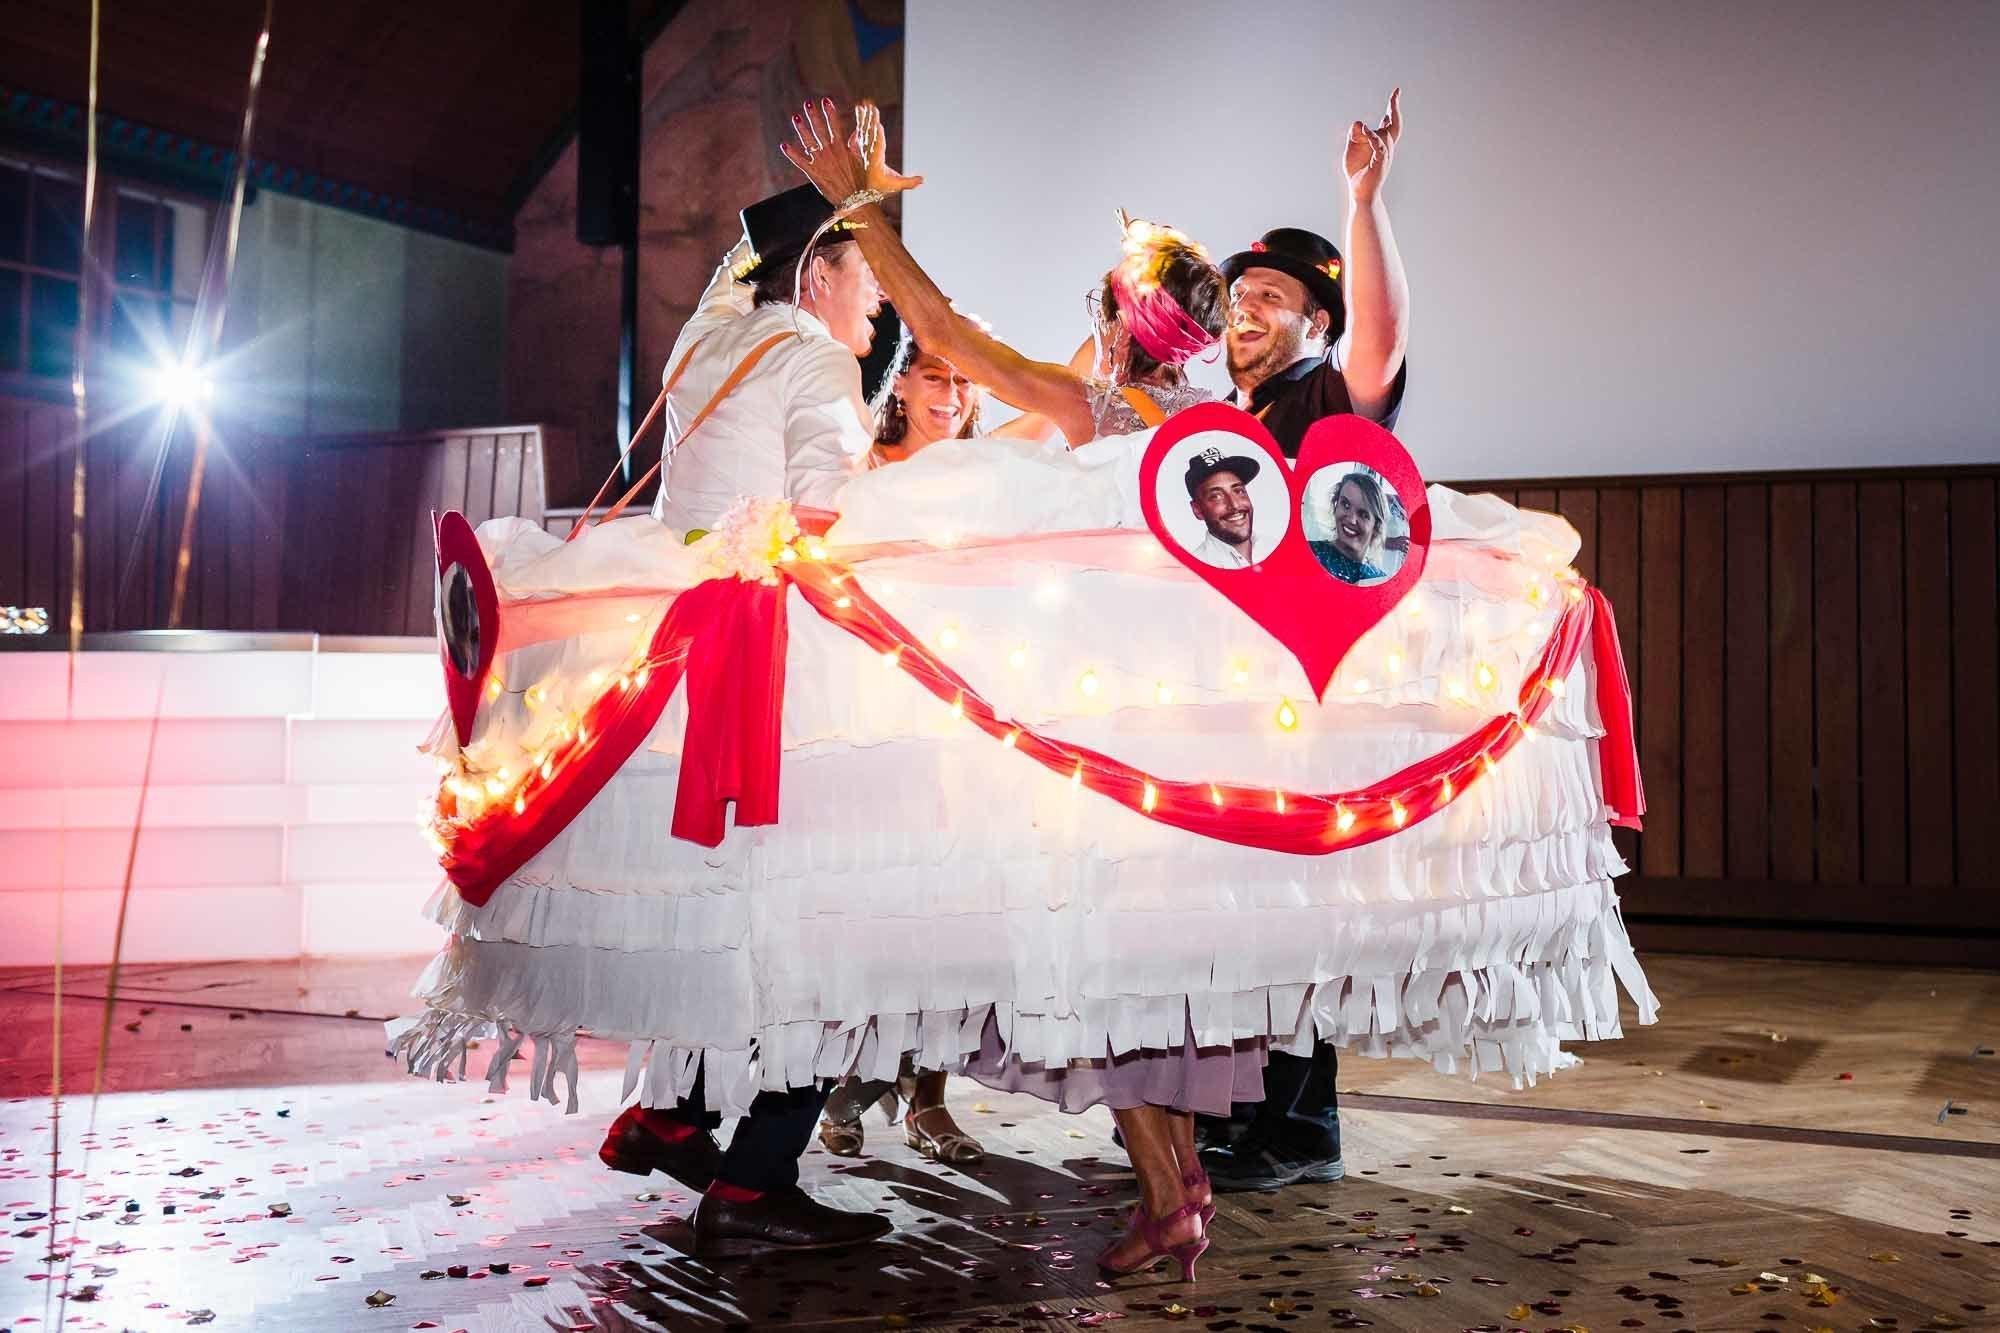 Gäste als Torte verkleidet tanzen